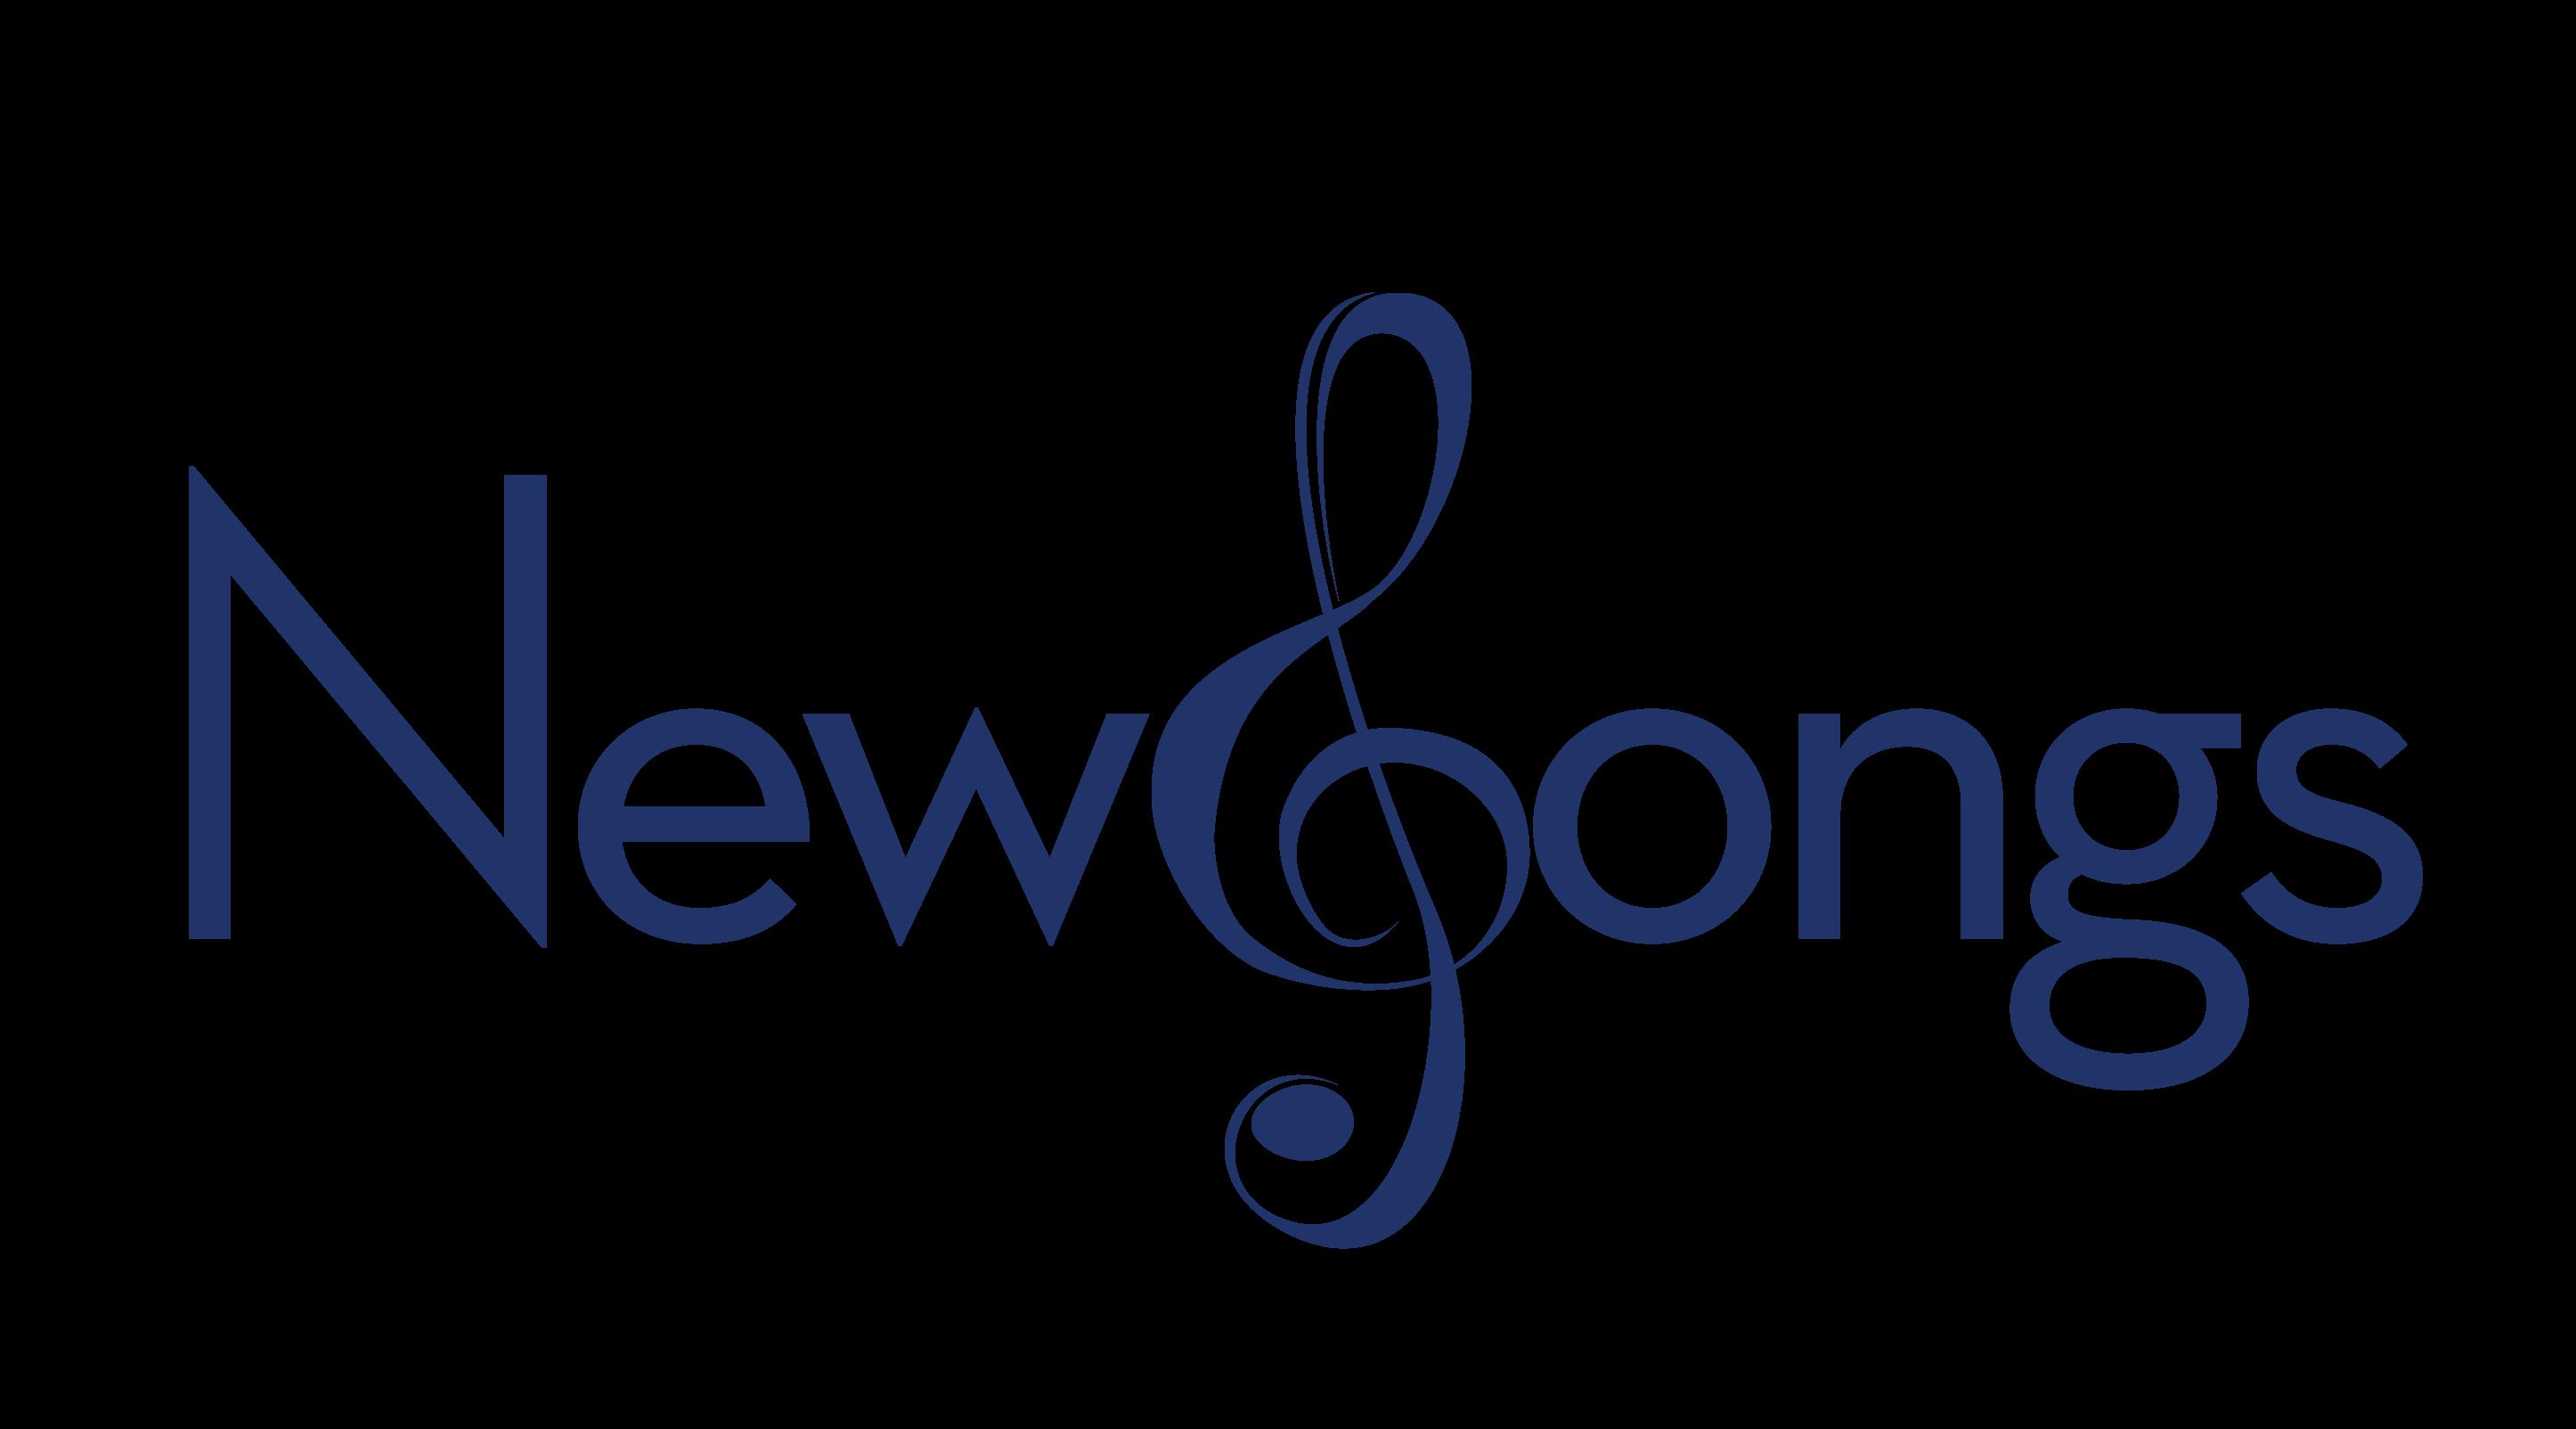 NewSongs Music